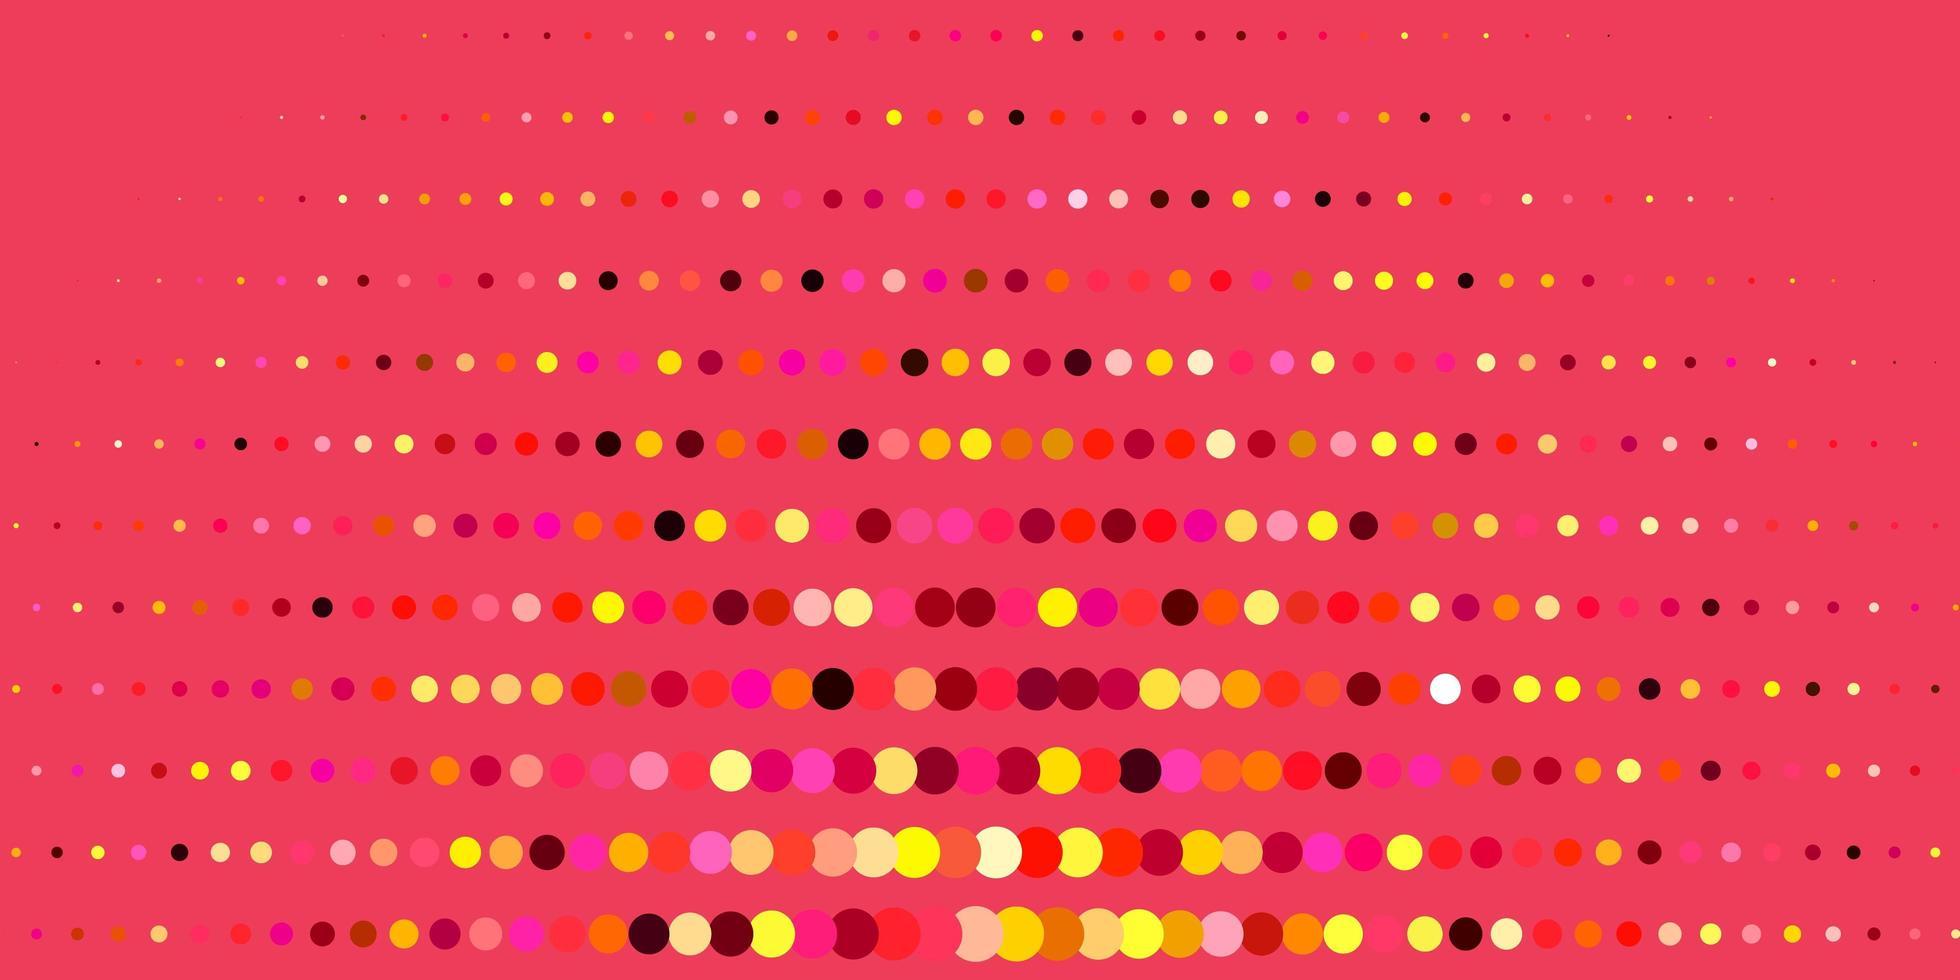 donkerroze, gele vector sjabloon met cirkels